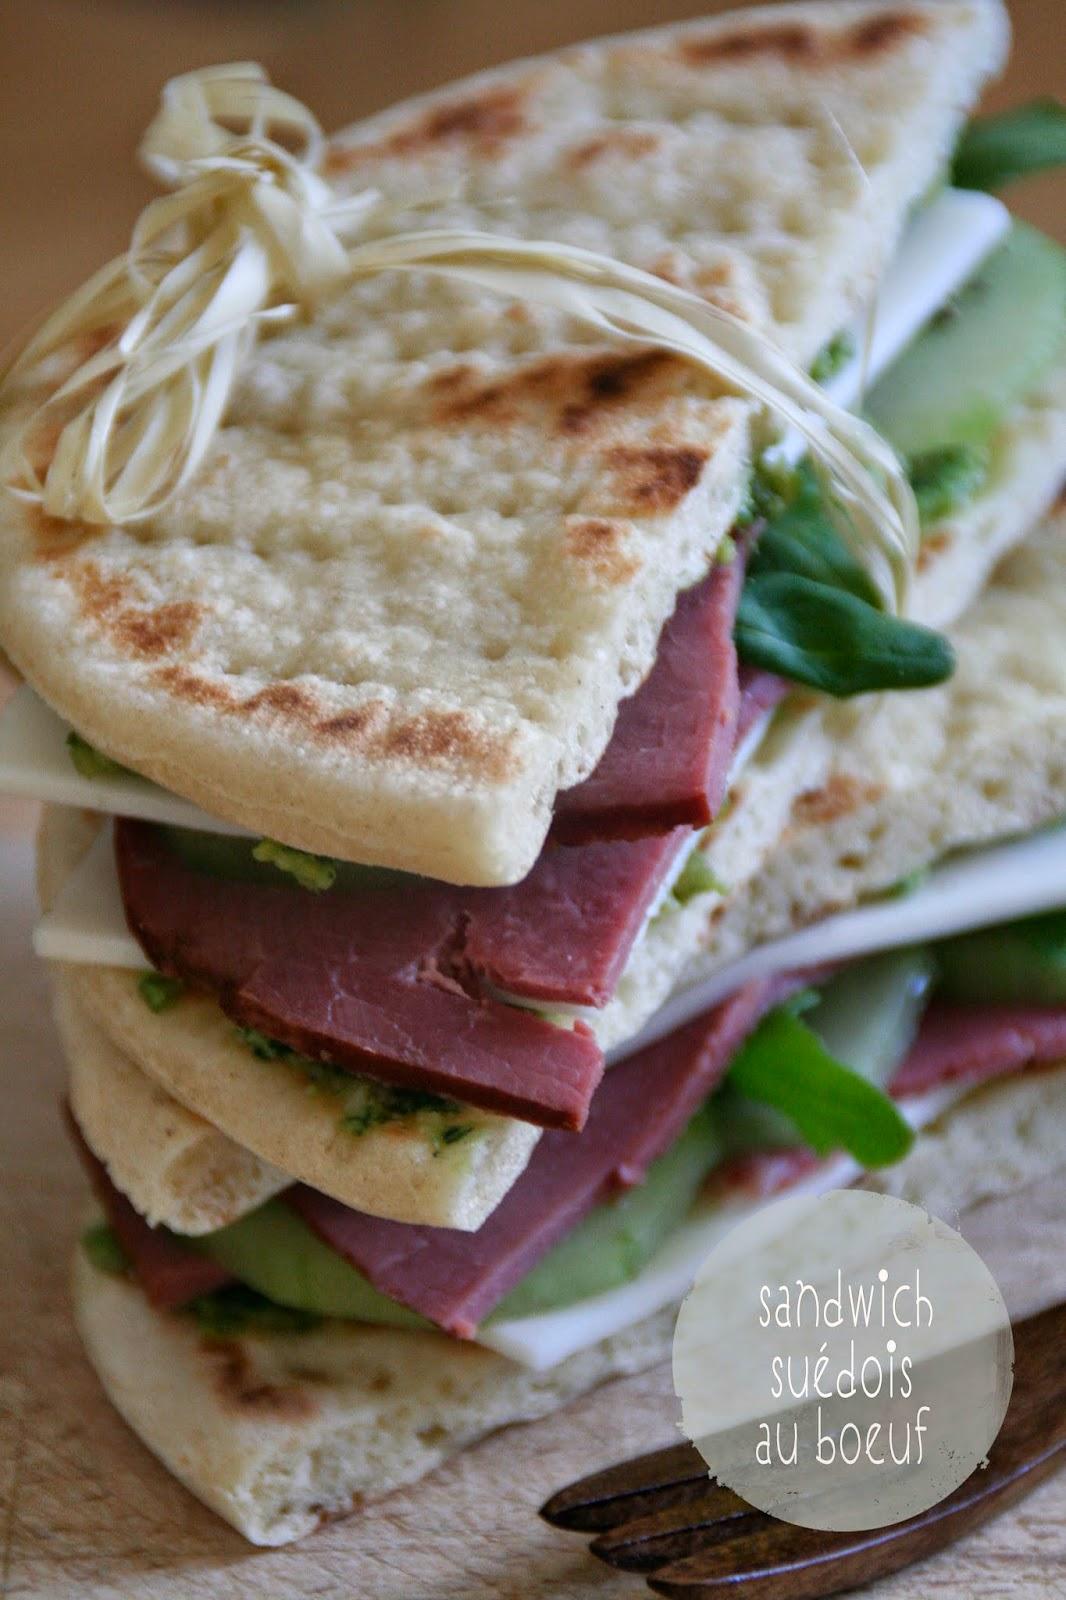 http://etcharlottedecouvritlacuisine.blogspot.fr/2014/04/sandwich-suedois-au-boeuf-battle-bread-2.html